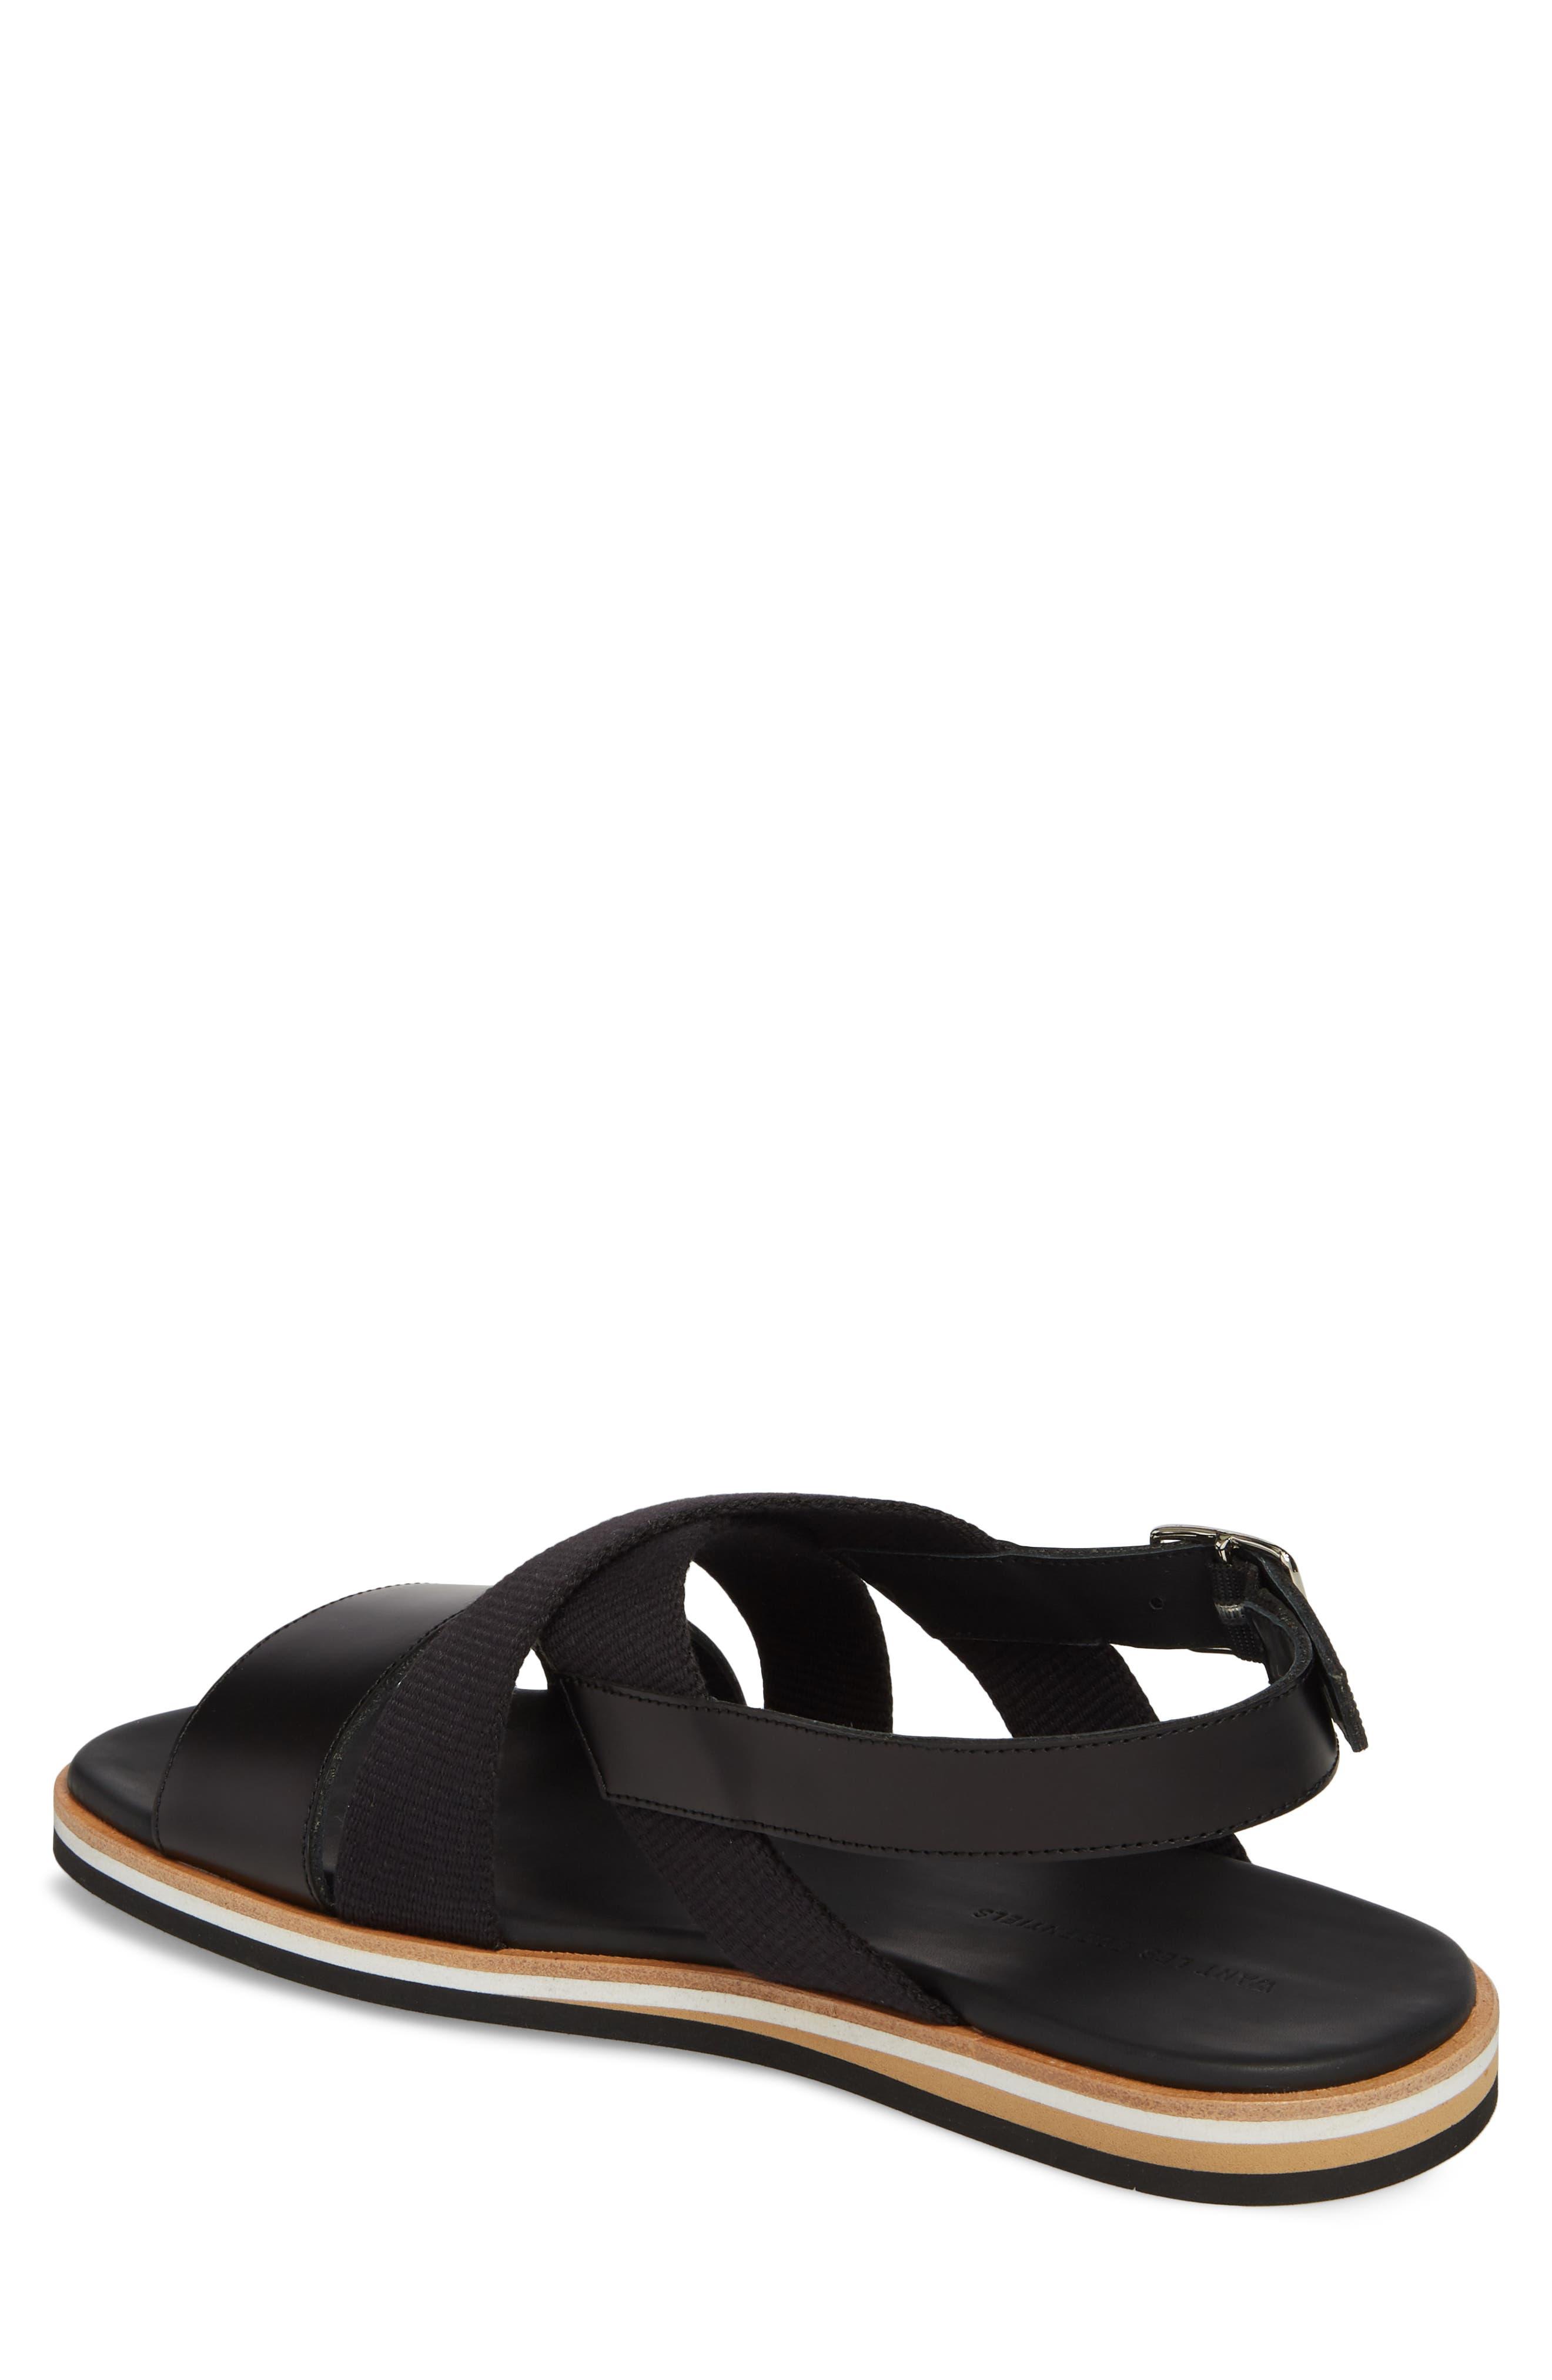 Jobim Sandal,                             Alternate thumbnail 2, color,                             Black Cord/ Black